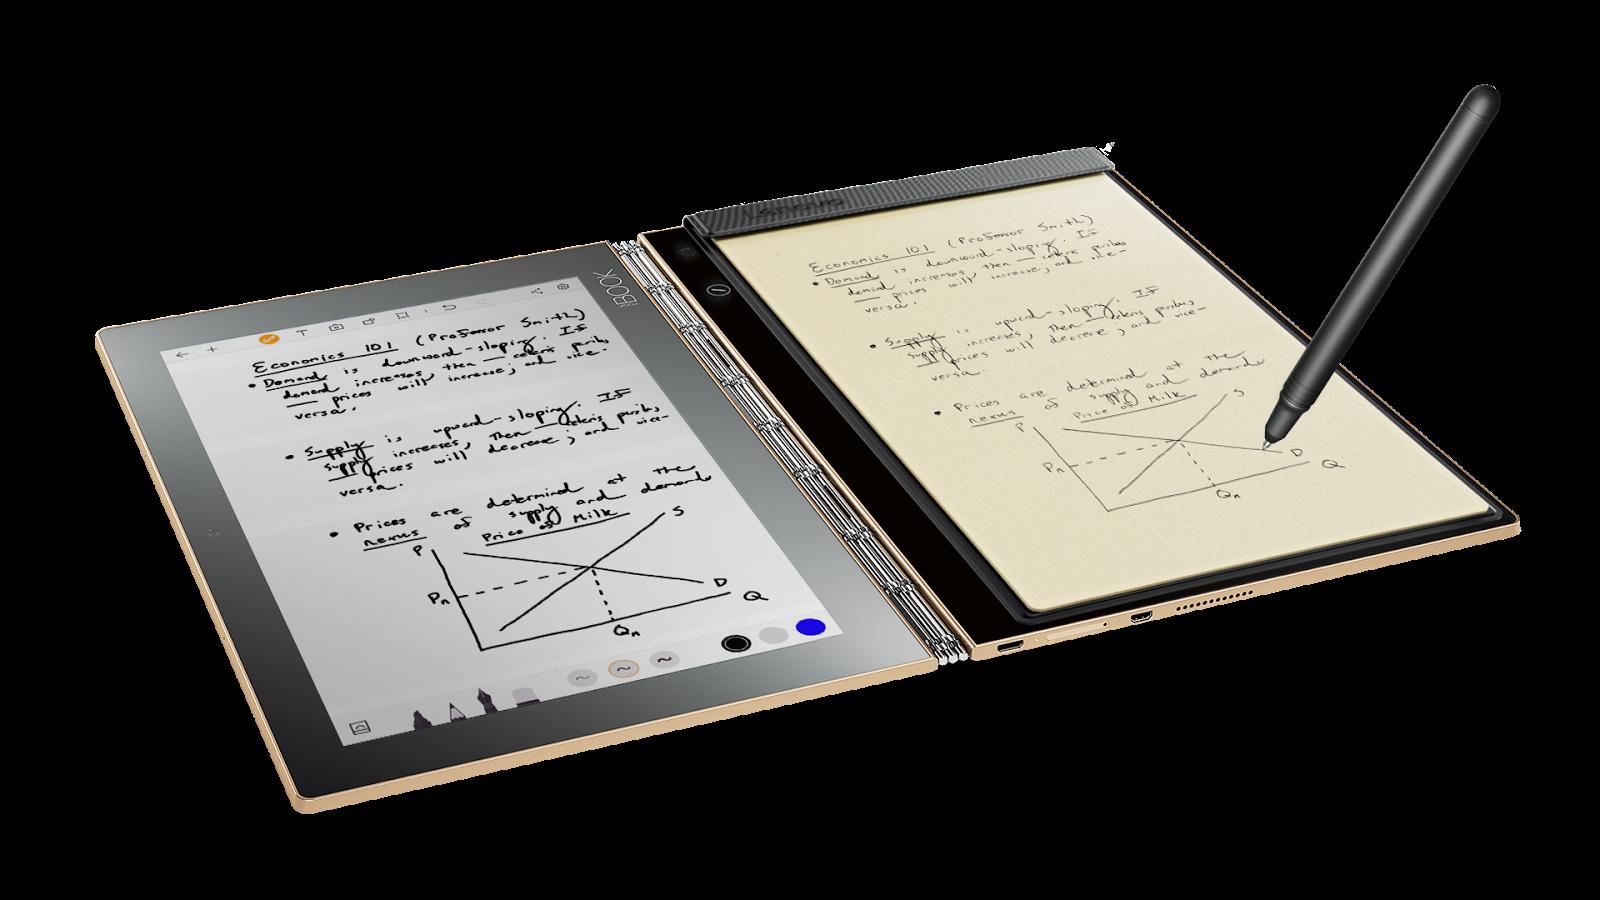 Yoga Book: первый планшет с настоящими записками и набросками - 1